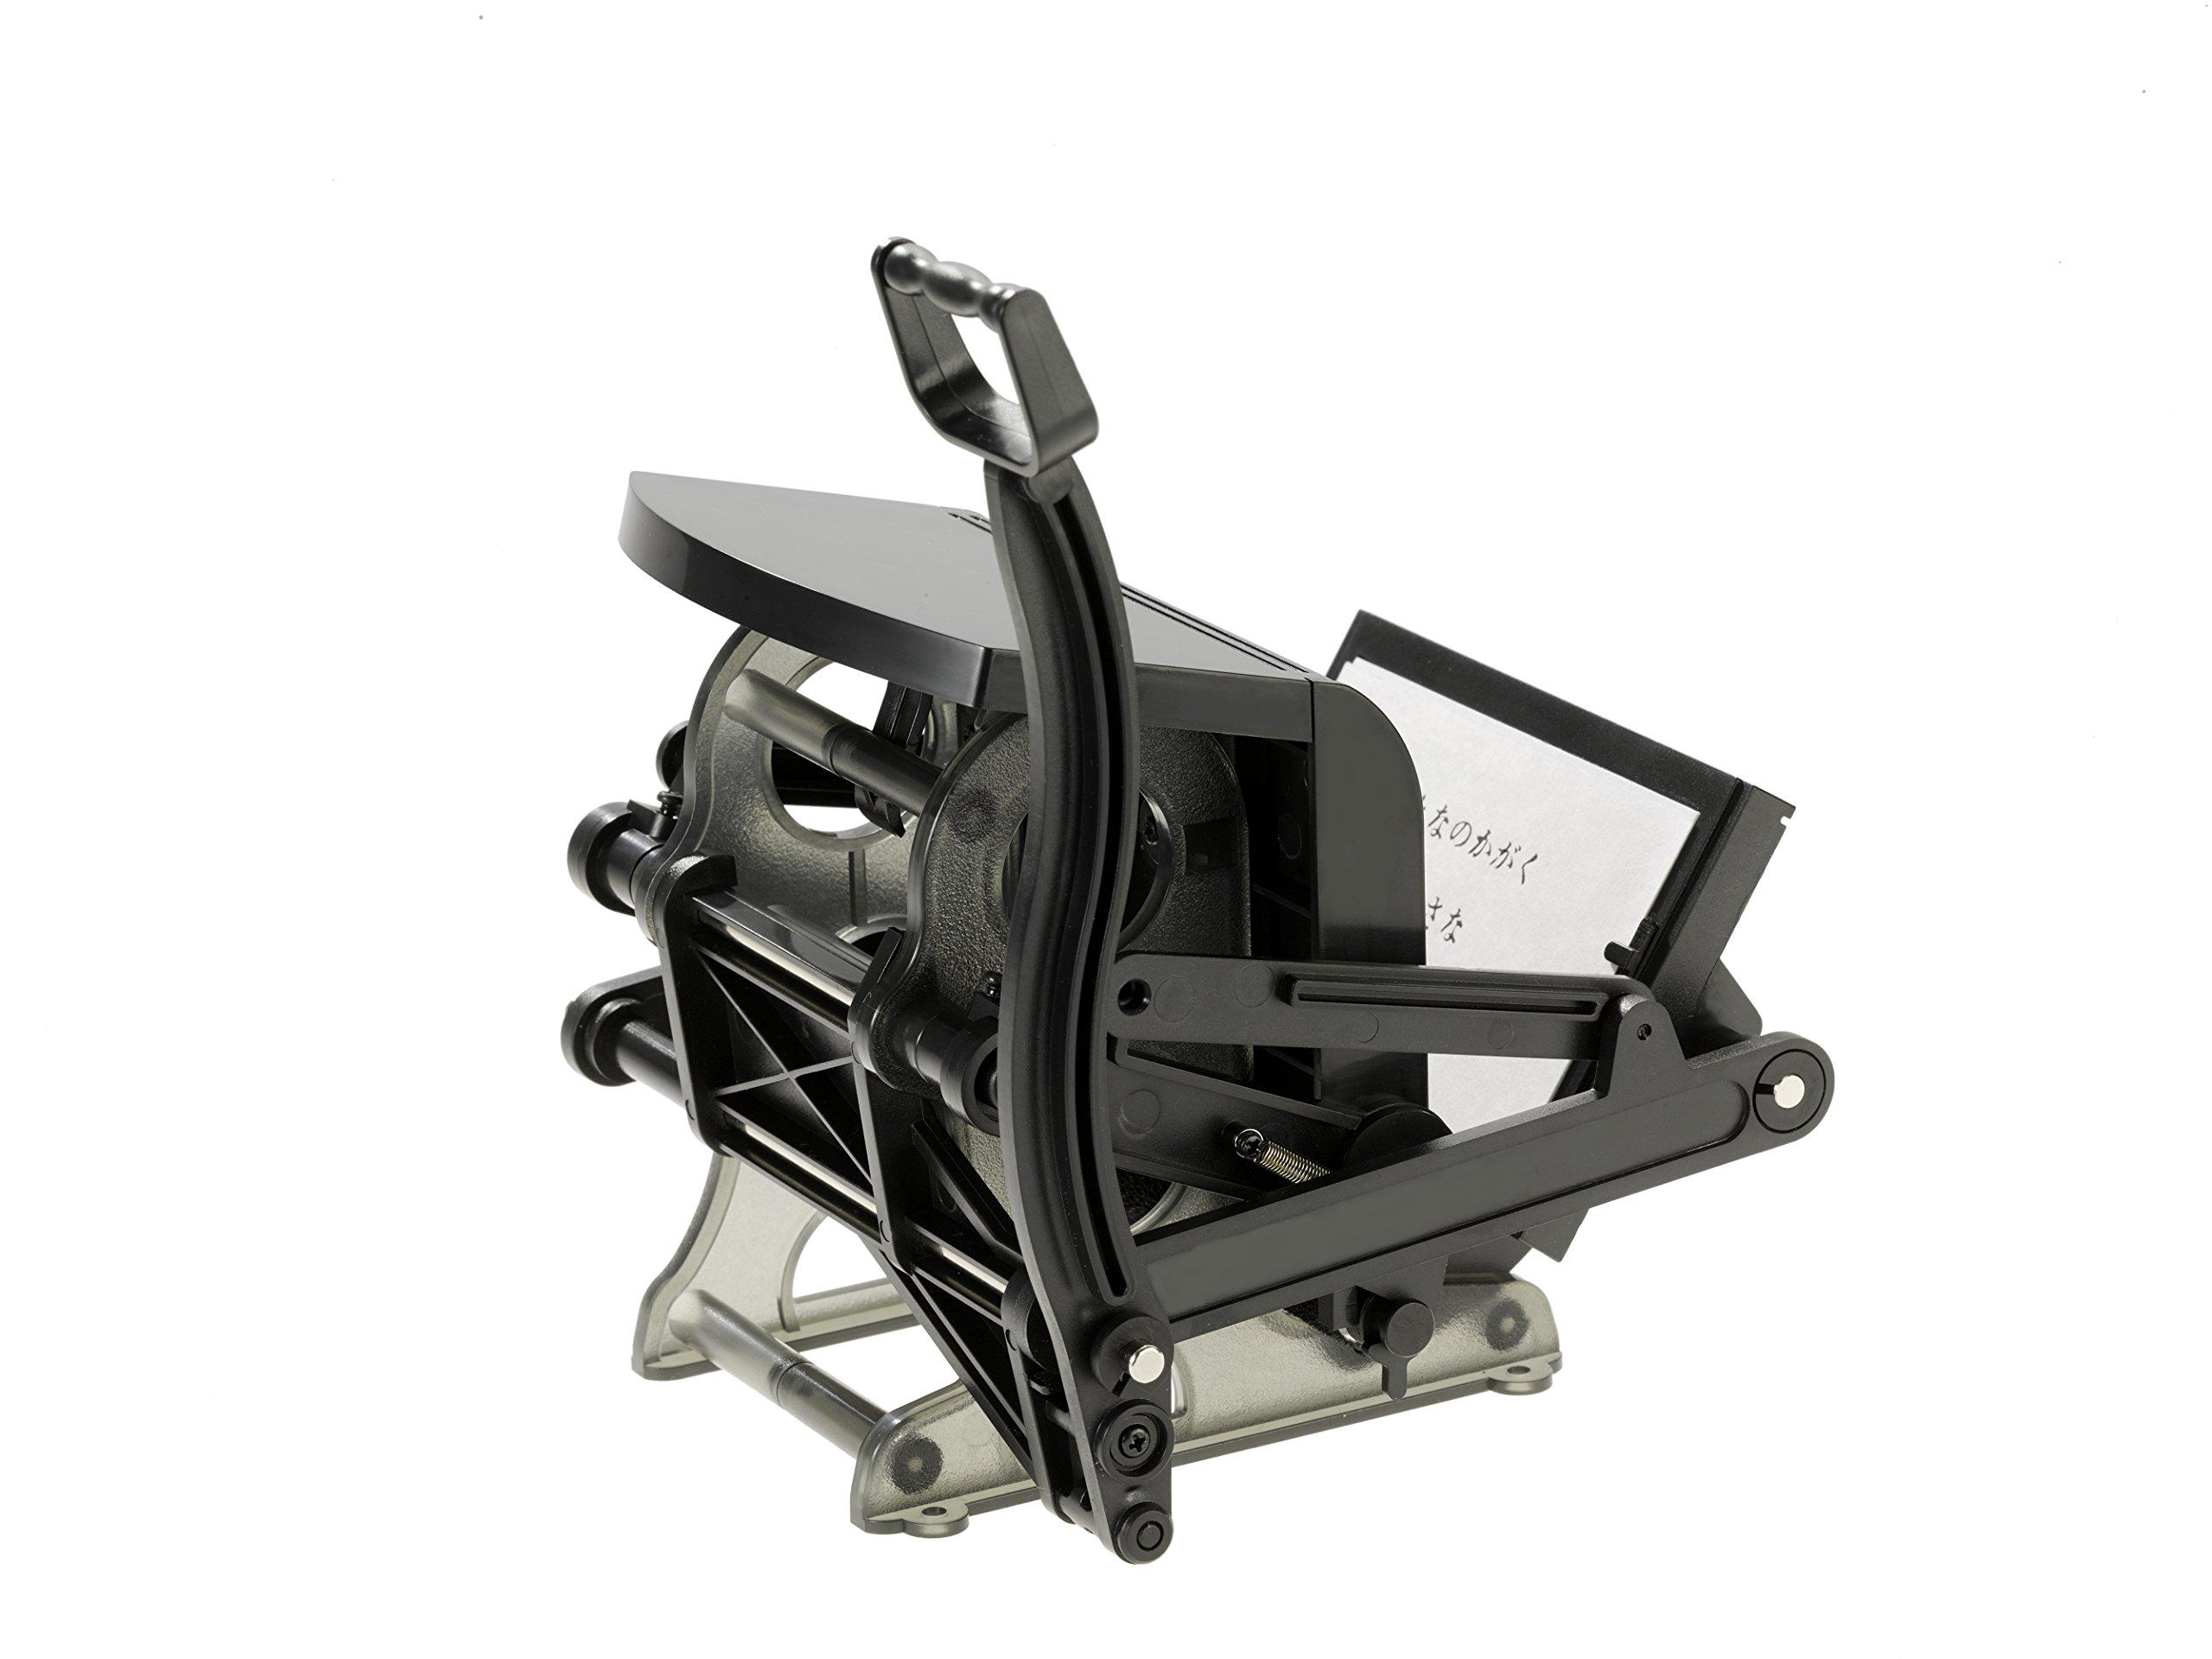 アマゾンで大人の科学マガジン 小さな活版印刷機 (学研ムック 大人の科学マガジンシリーズ) を買うと、小さな活版印刷機が付いてくる。12/15~。